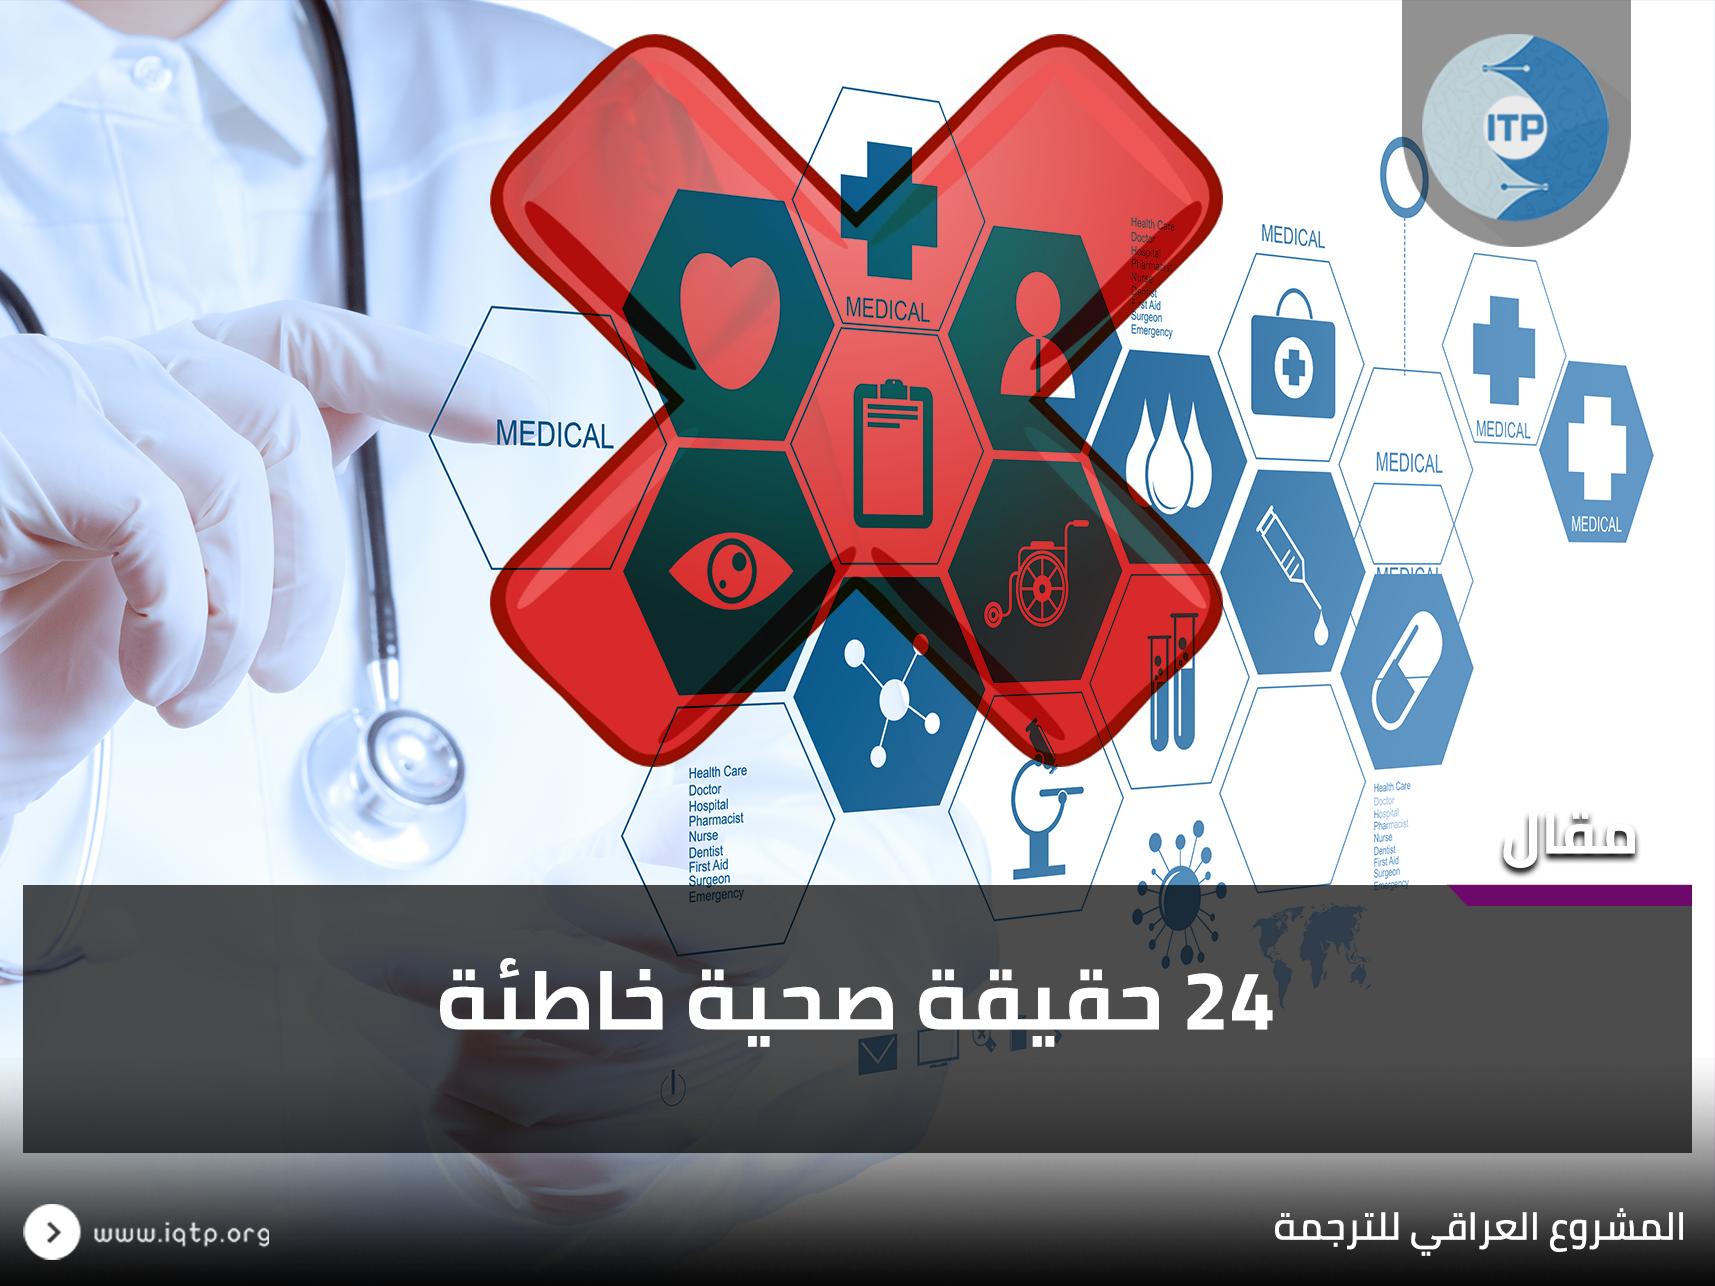 24 حقيقة صحية خاطئة